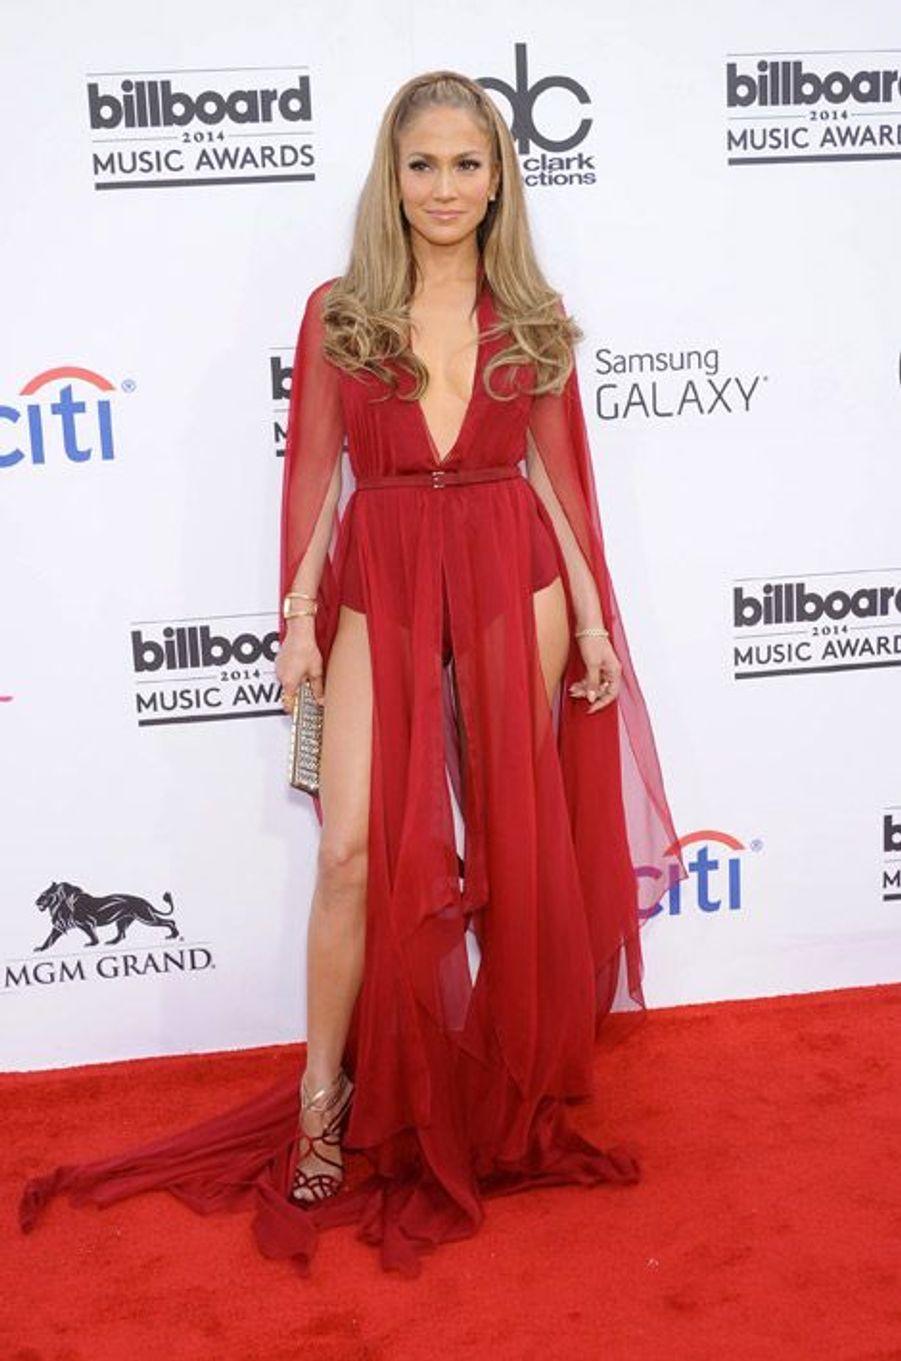 La chanteuse Jennifr Lopez en Donna Karan à la soirée Billboard Music Awards à Las Vegas, le 18 mai 2014